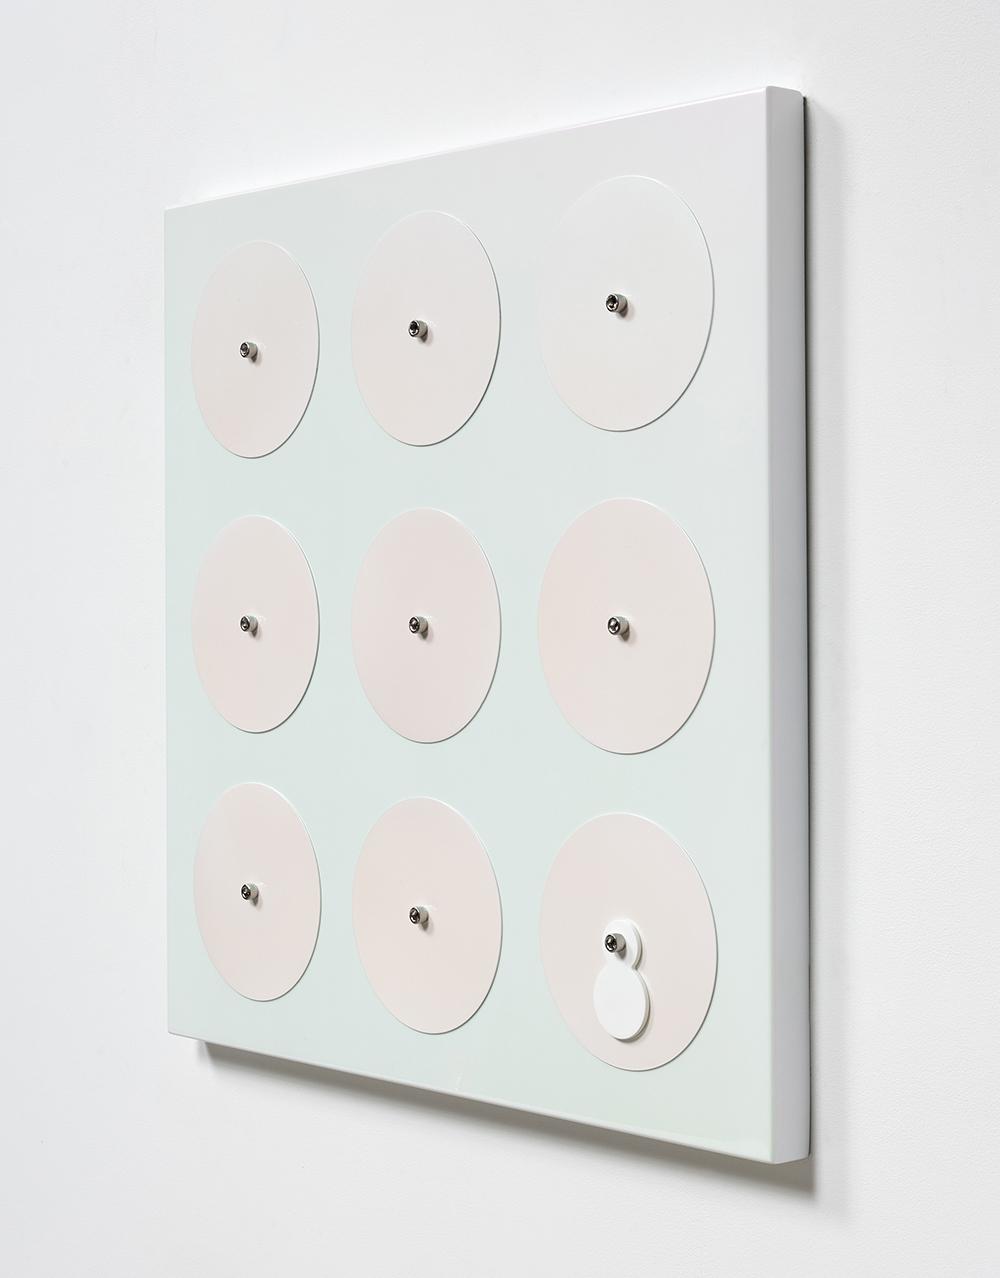 Joshua Saunders. <em>Turquoise/Magenta</em>, 2017. Enamel on aluminum, stainless steel, 30 x 30 x 1 1/2 inches